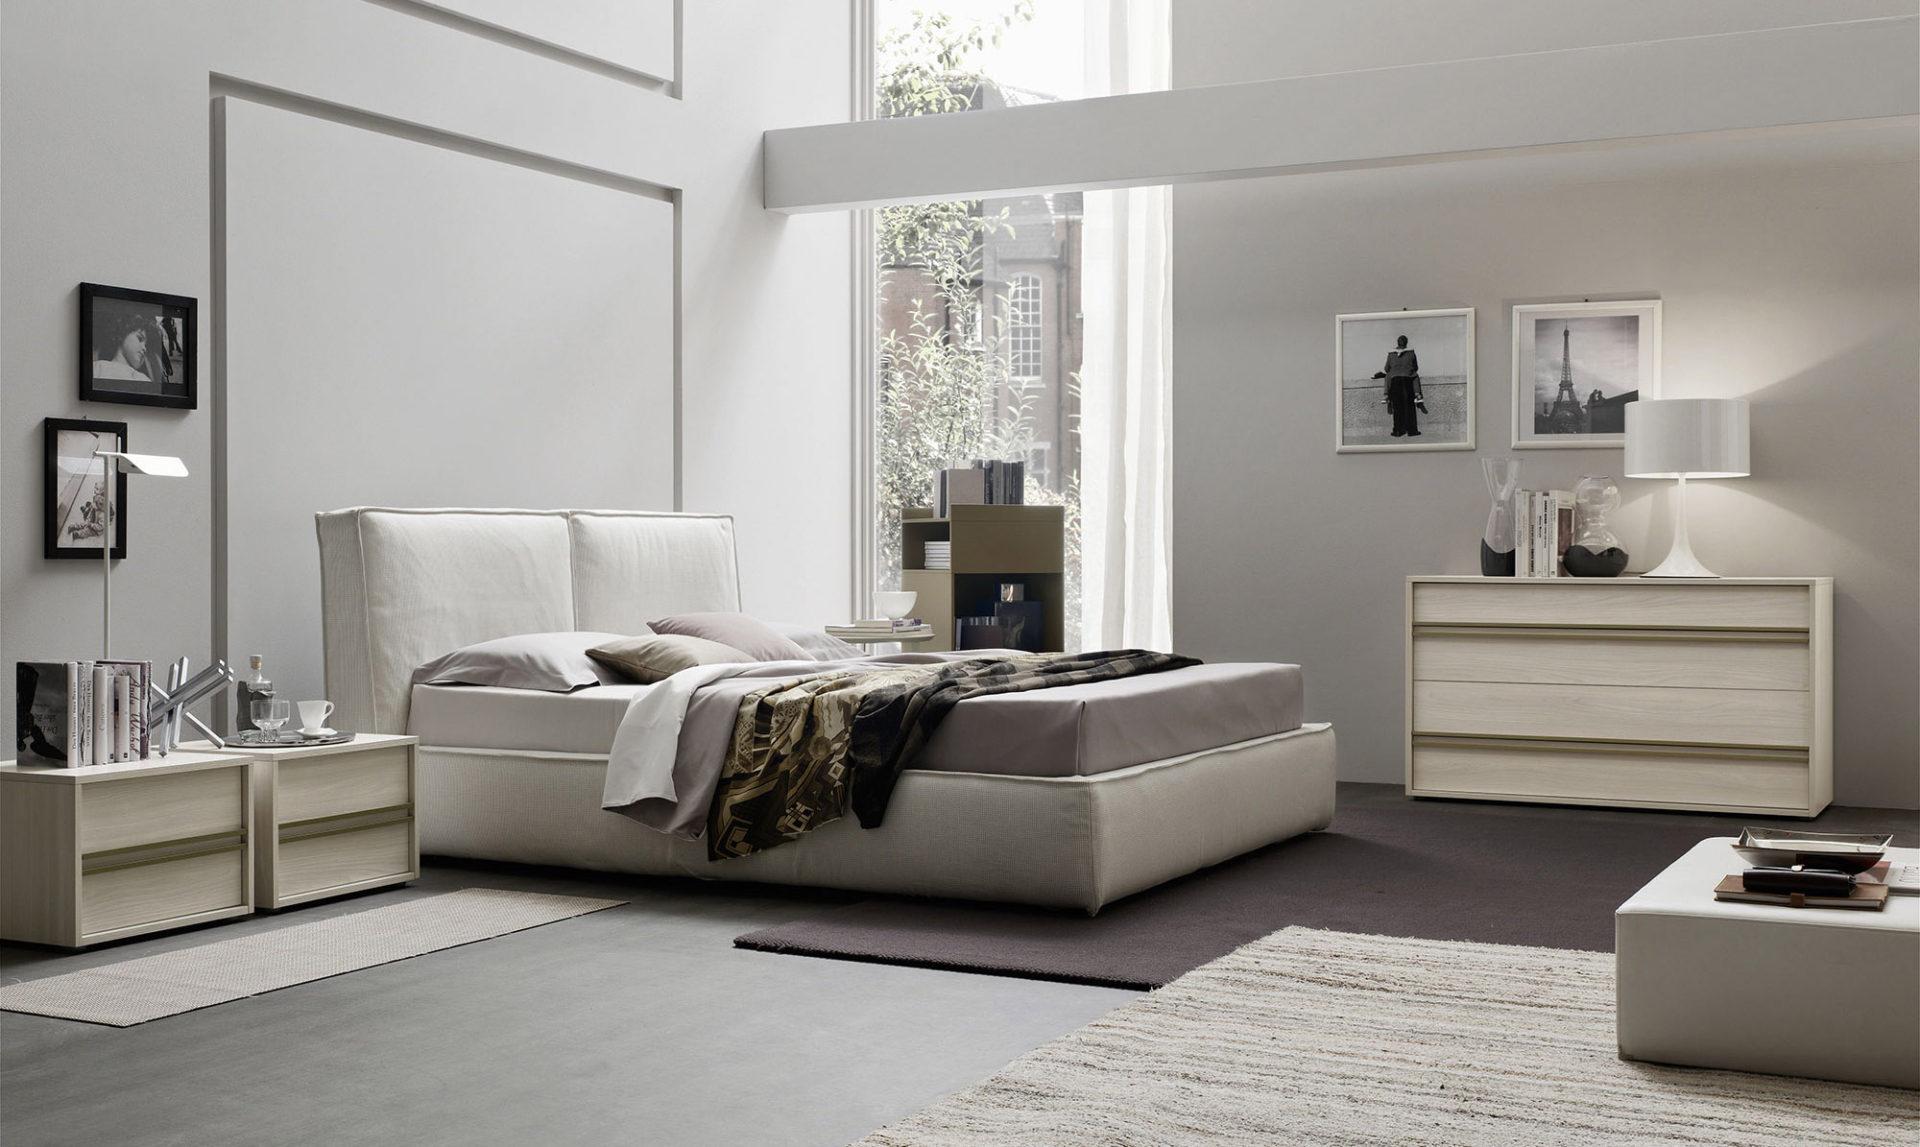 Letto comodo orme for Letti design 2016